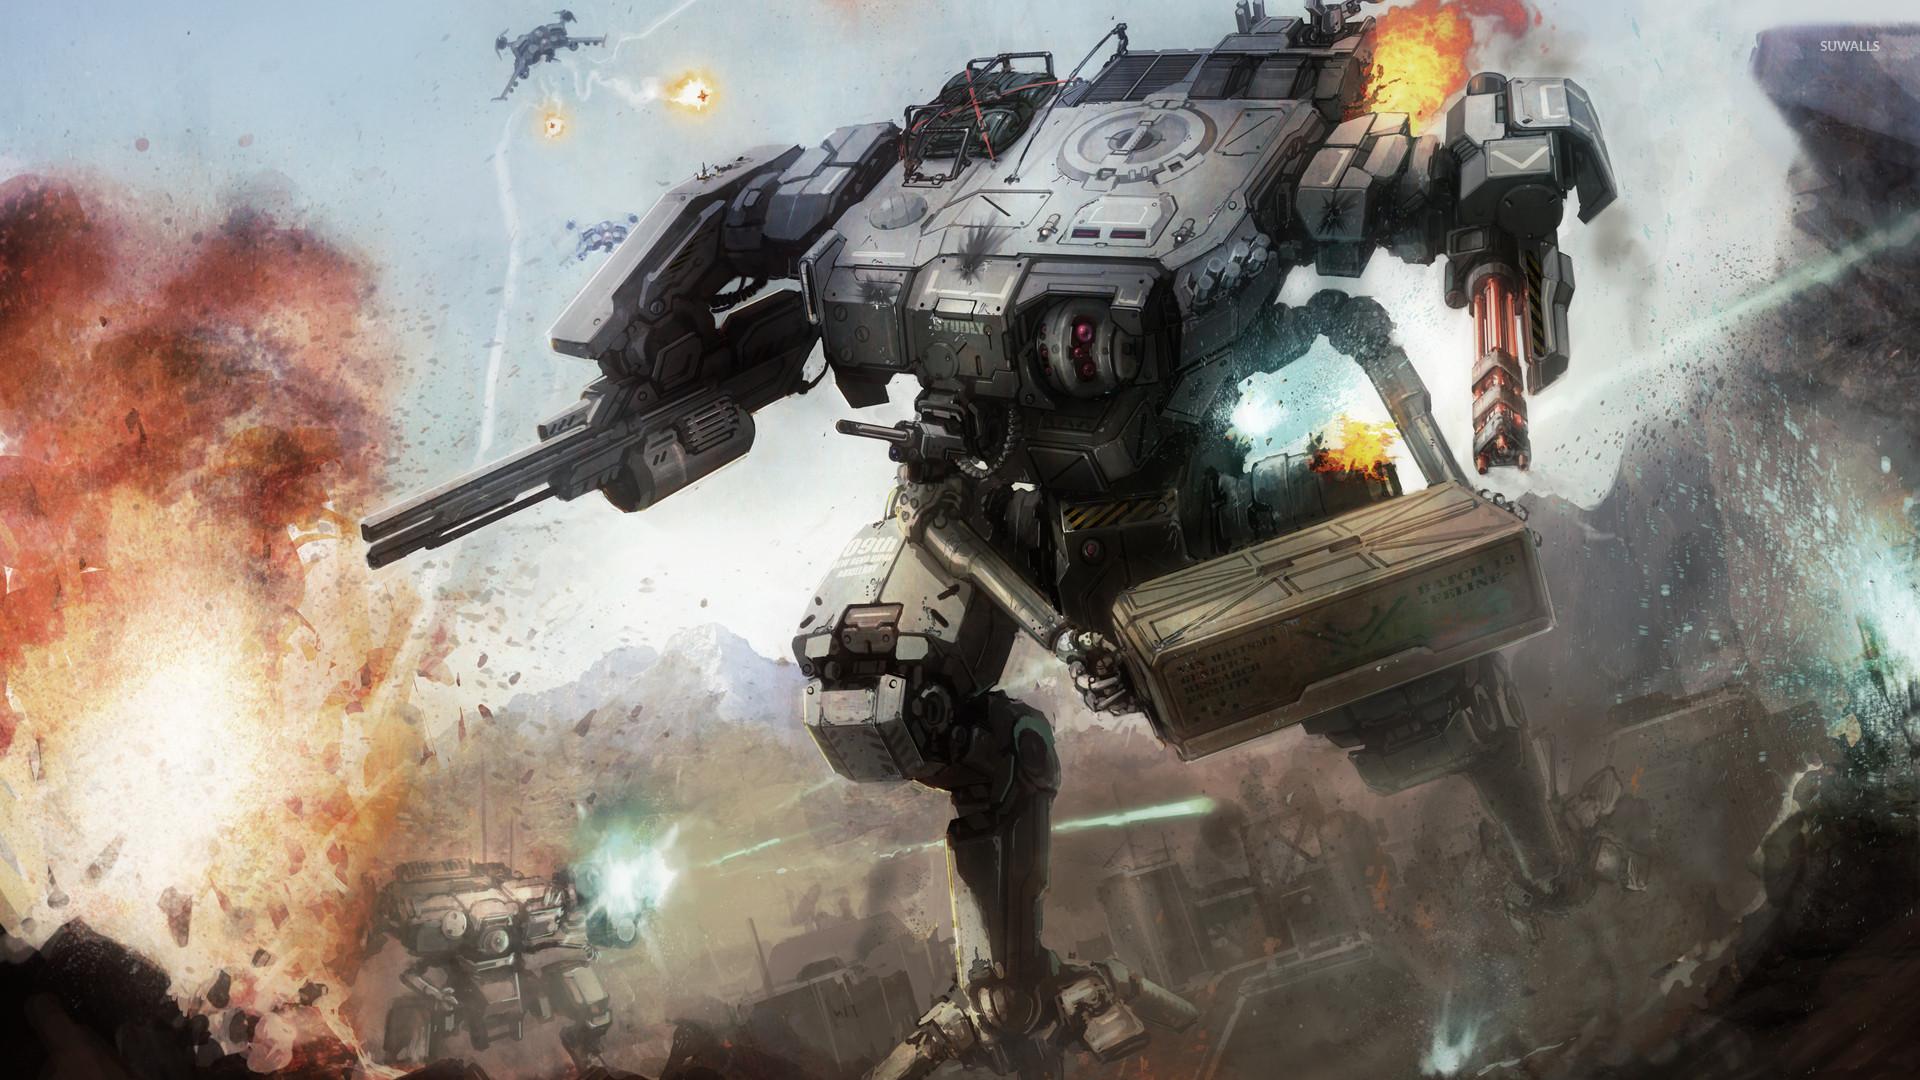 MechWarrior   BattleTech wallpaper   Game wallpapers   30676 1366x768